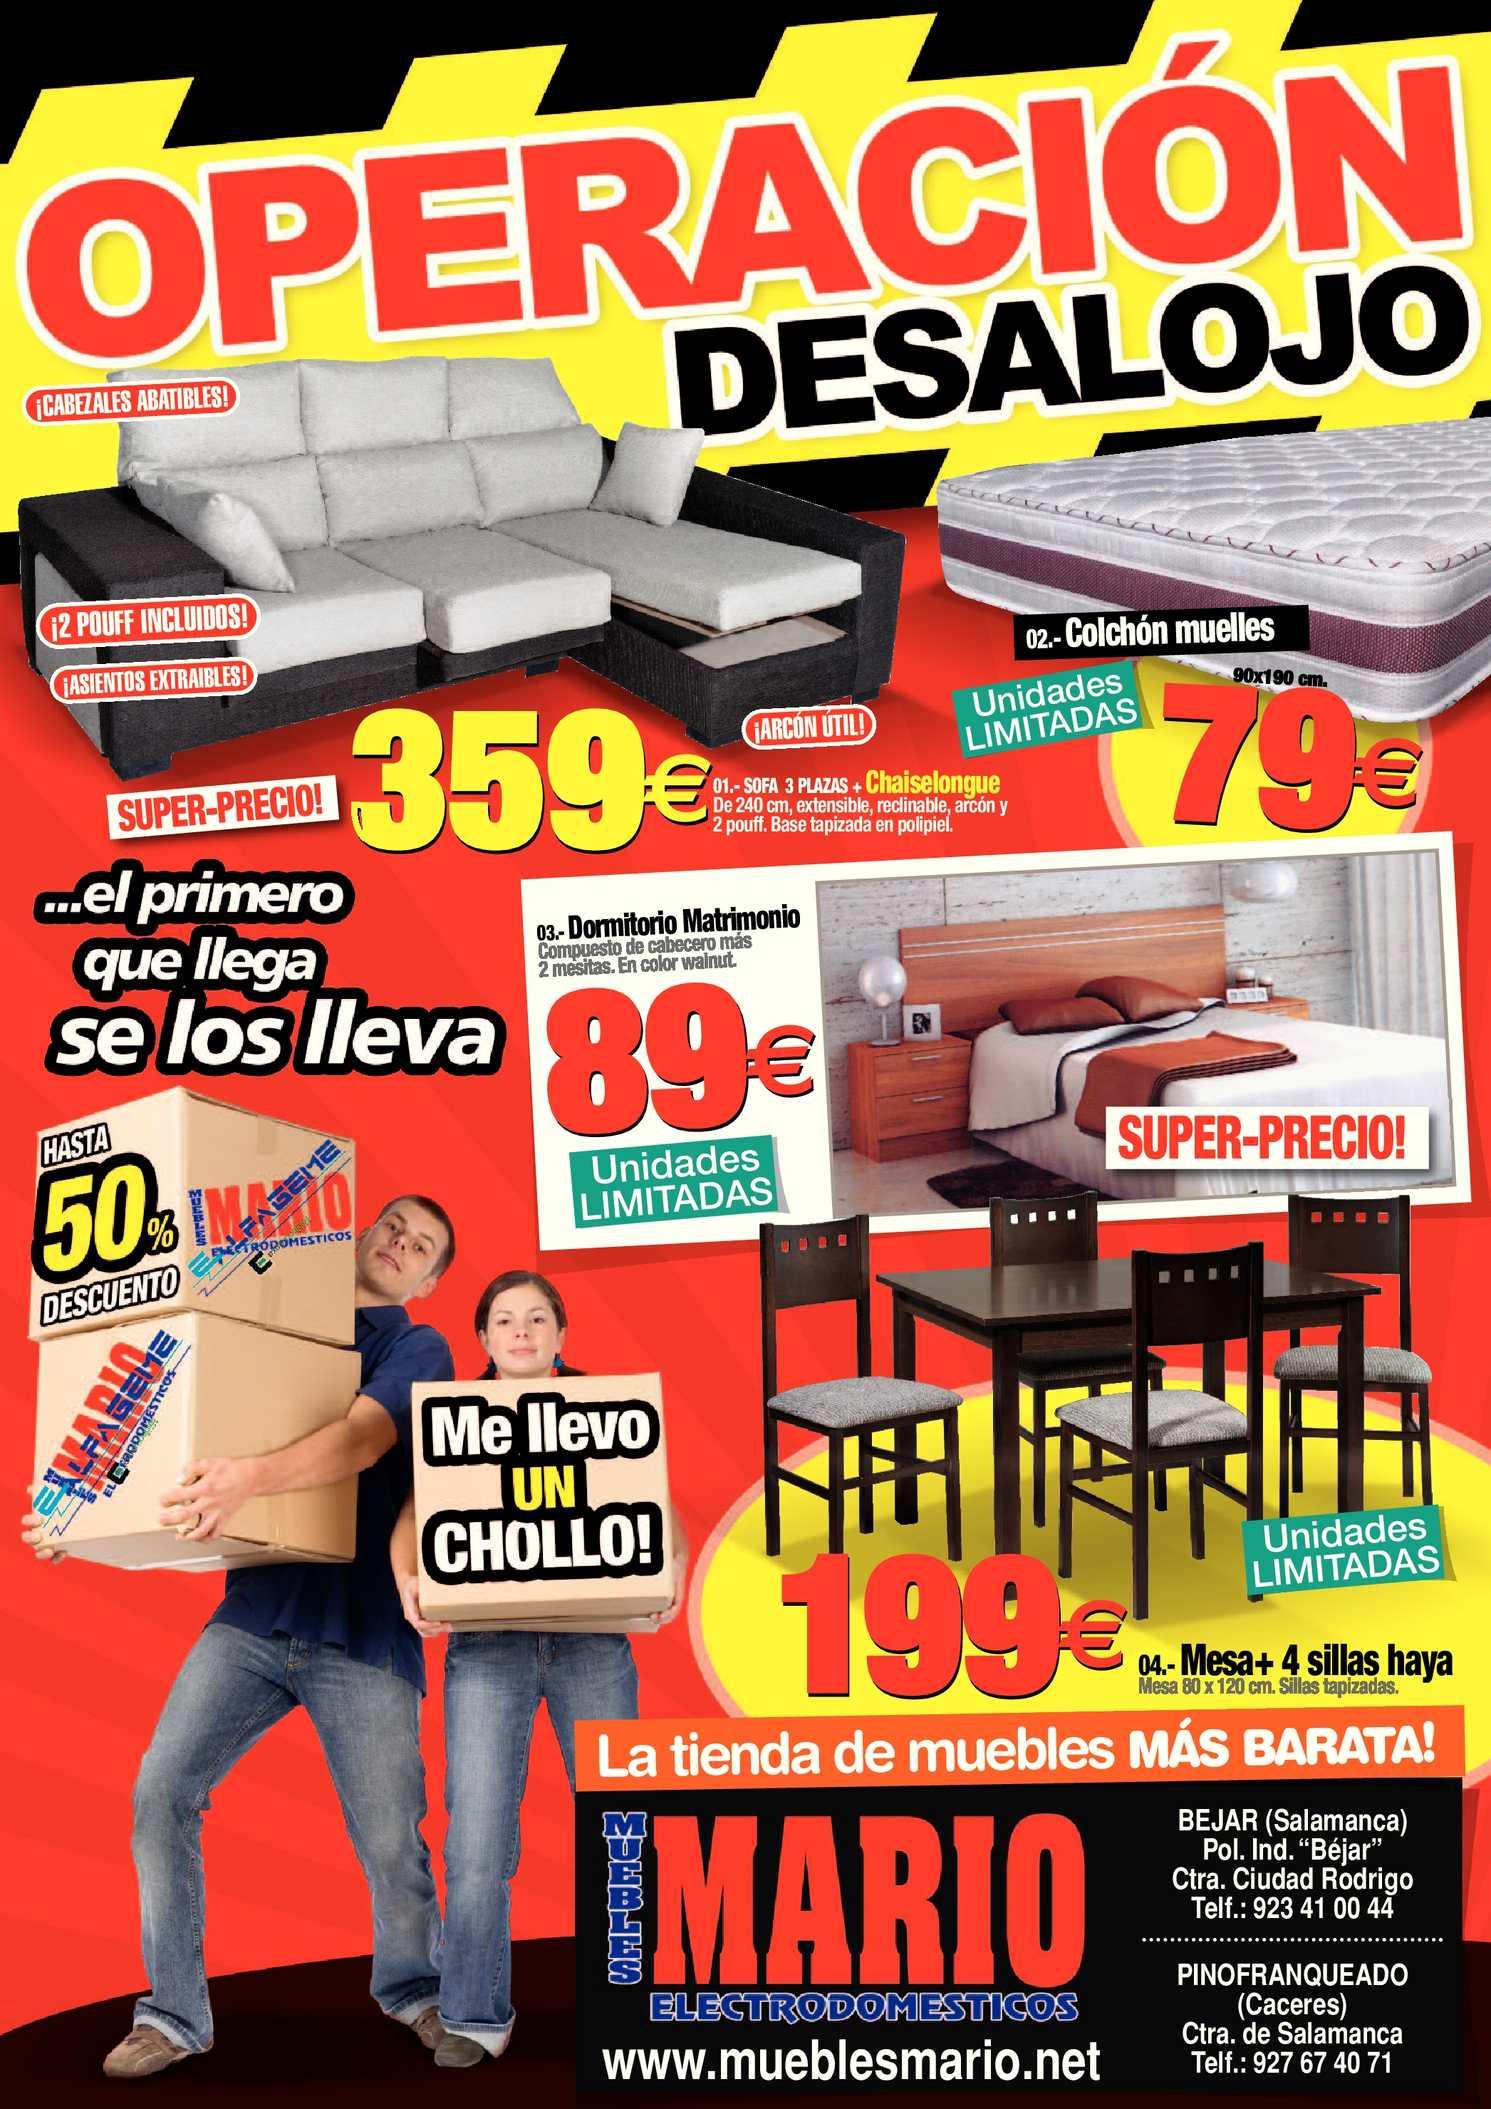 Muebles Mario Publicado Por Muebles Mario En Read More Muebles